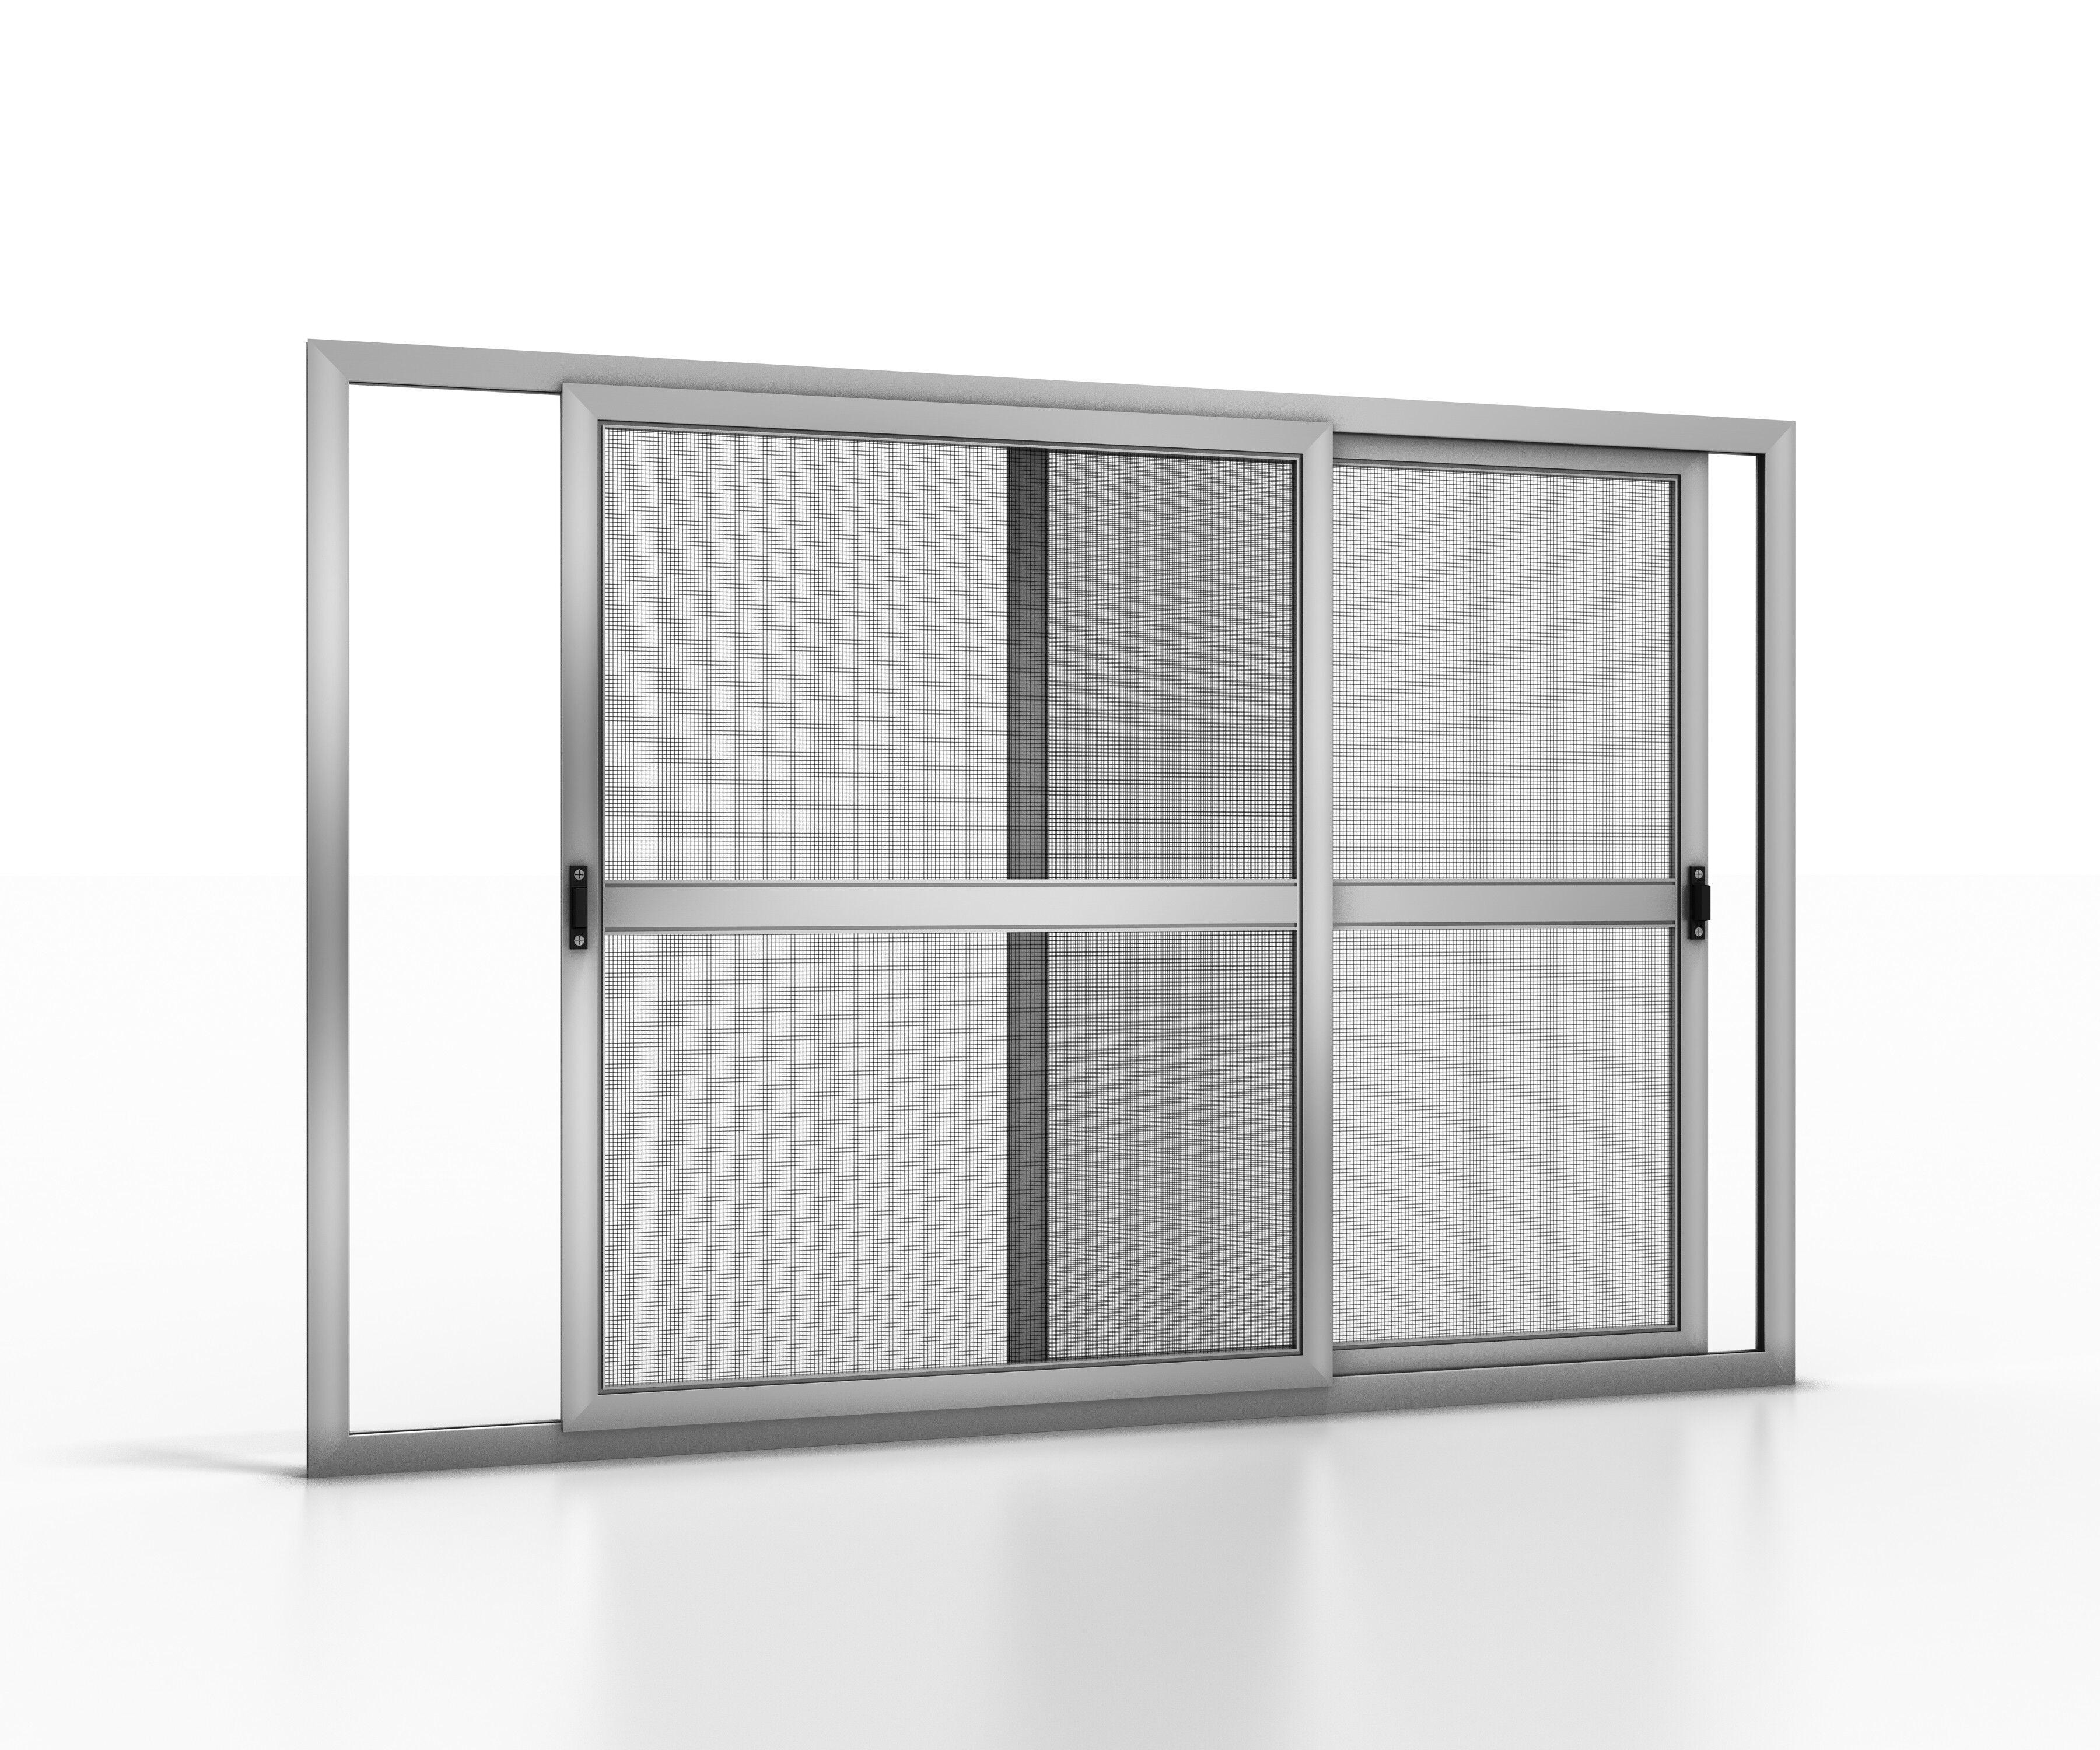 NoFlyStore Moustiquaire coulissante pour fenêtre NoFlyStore GOLD.02